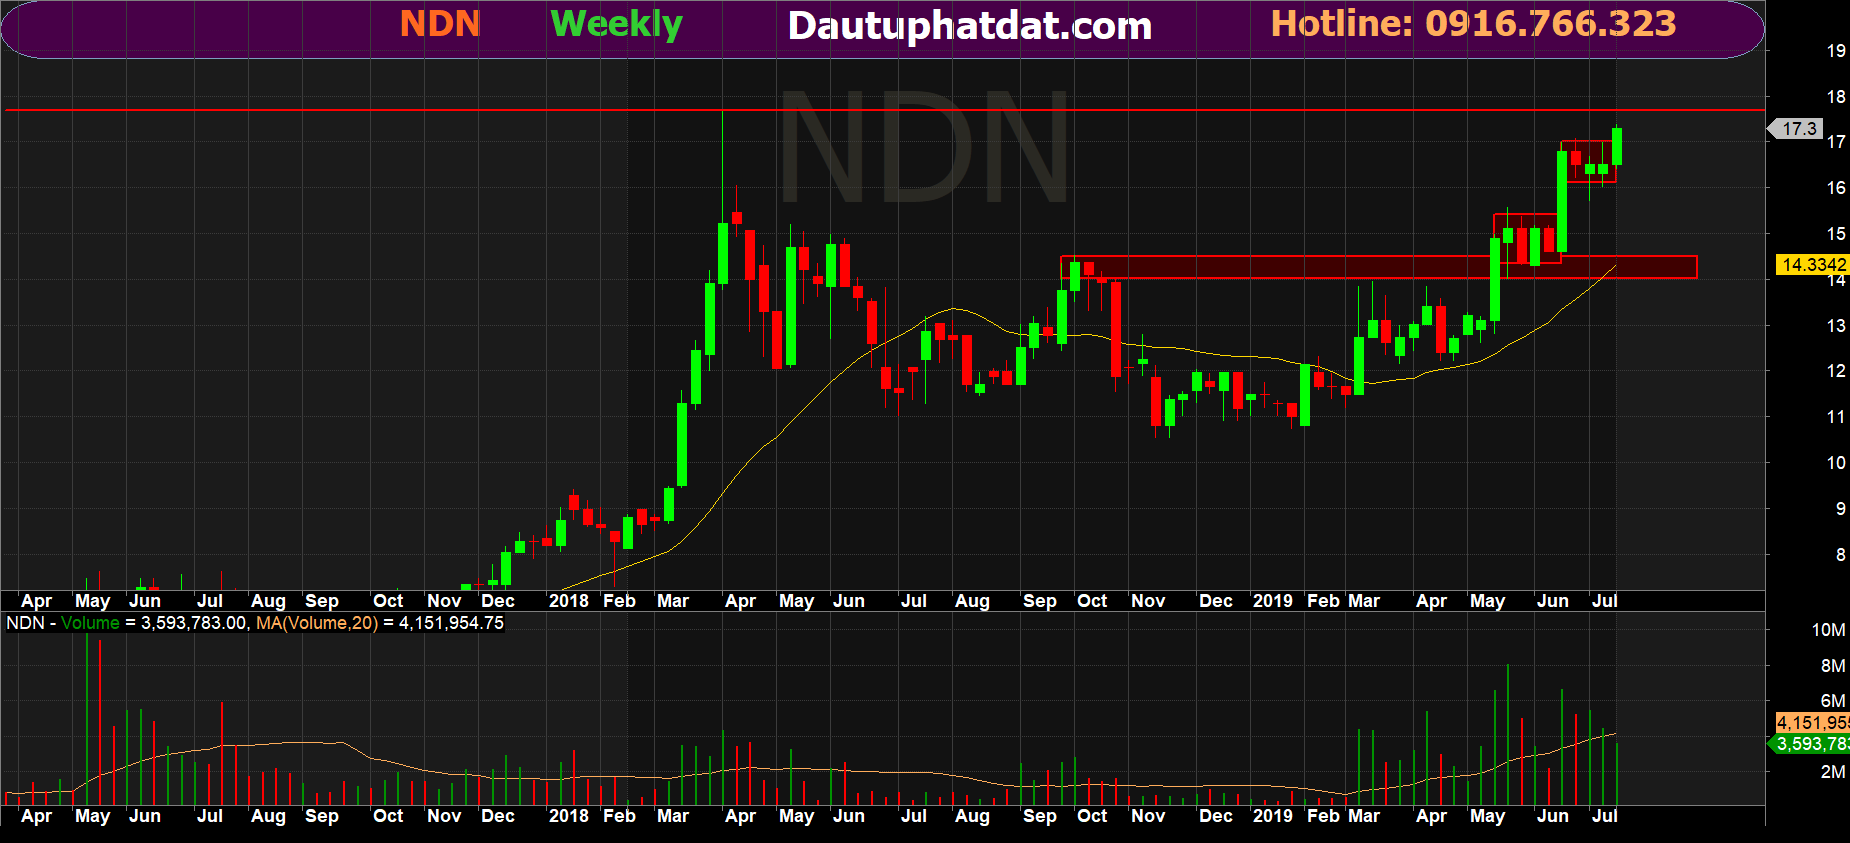 Đồ thị tuần cổ phiếu NDN